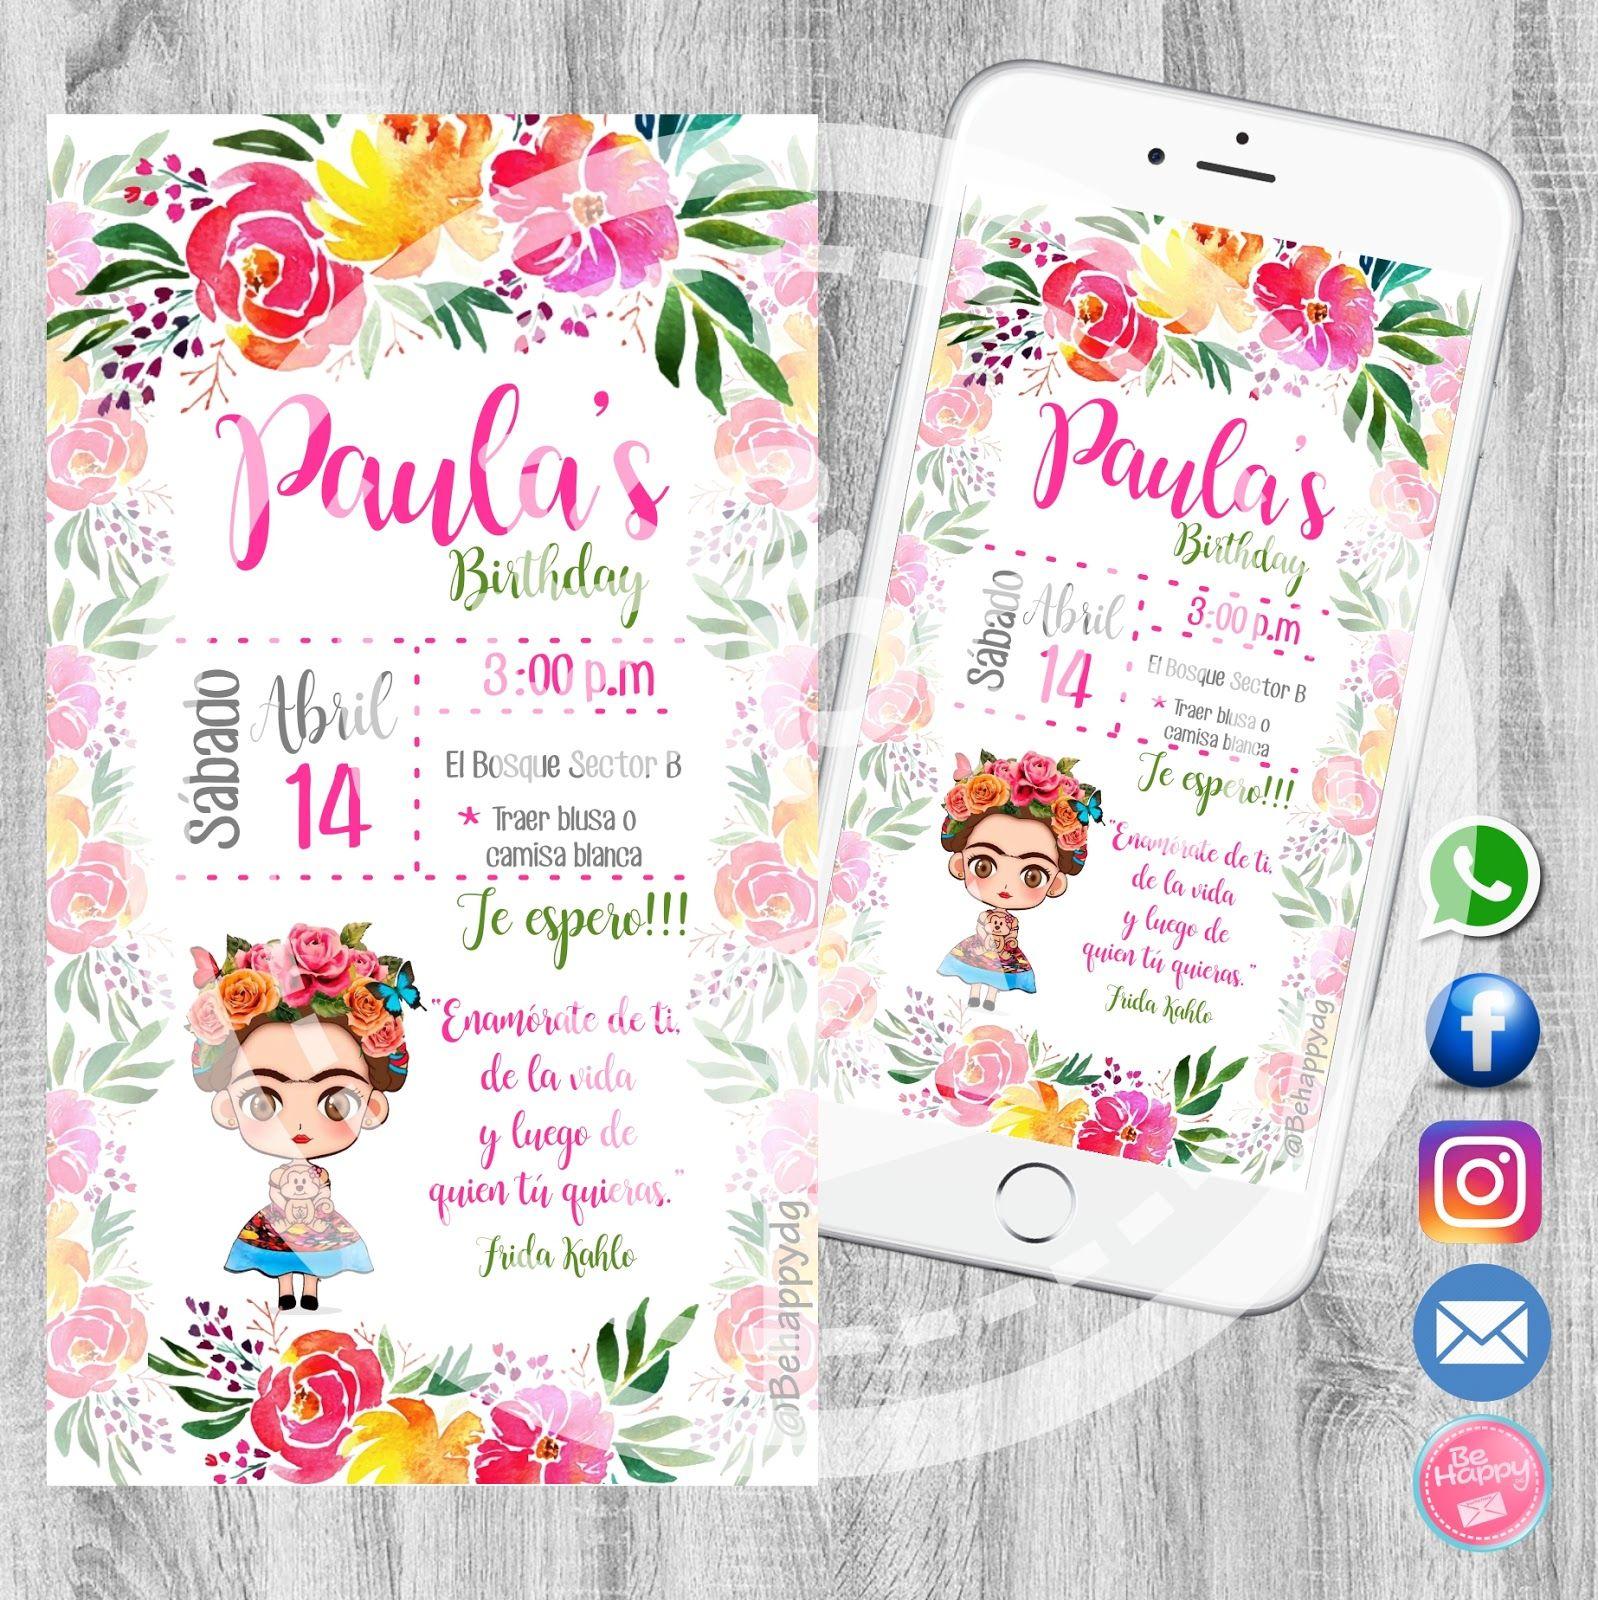 Be Happy Tarjeta De Invitación Digital Imprimibles Frida